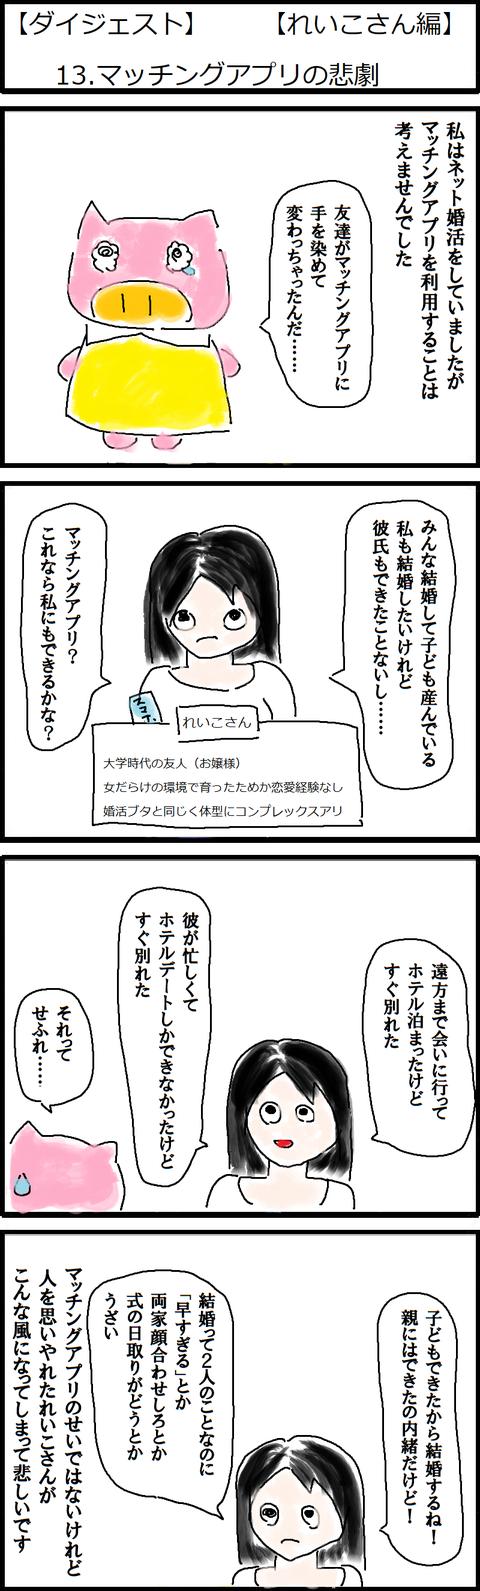 【ダイジェスト】13.マッチングアプリの悲劇【れいこさん編】